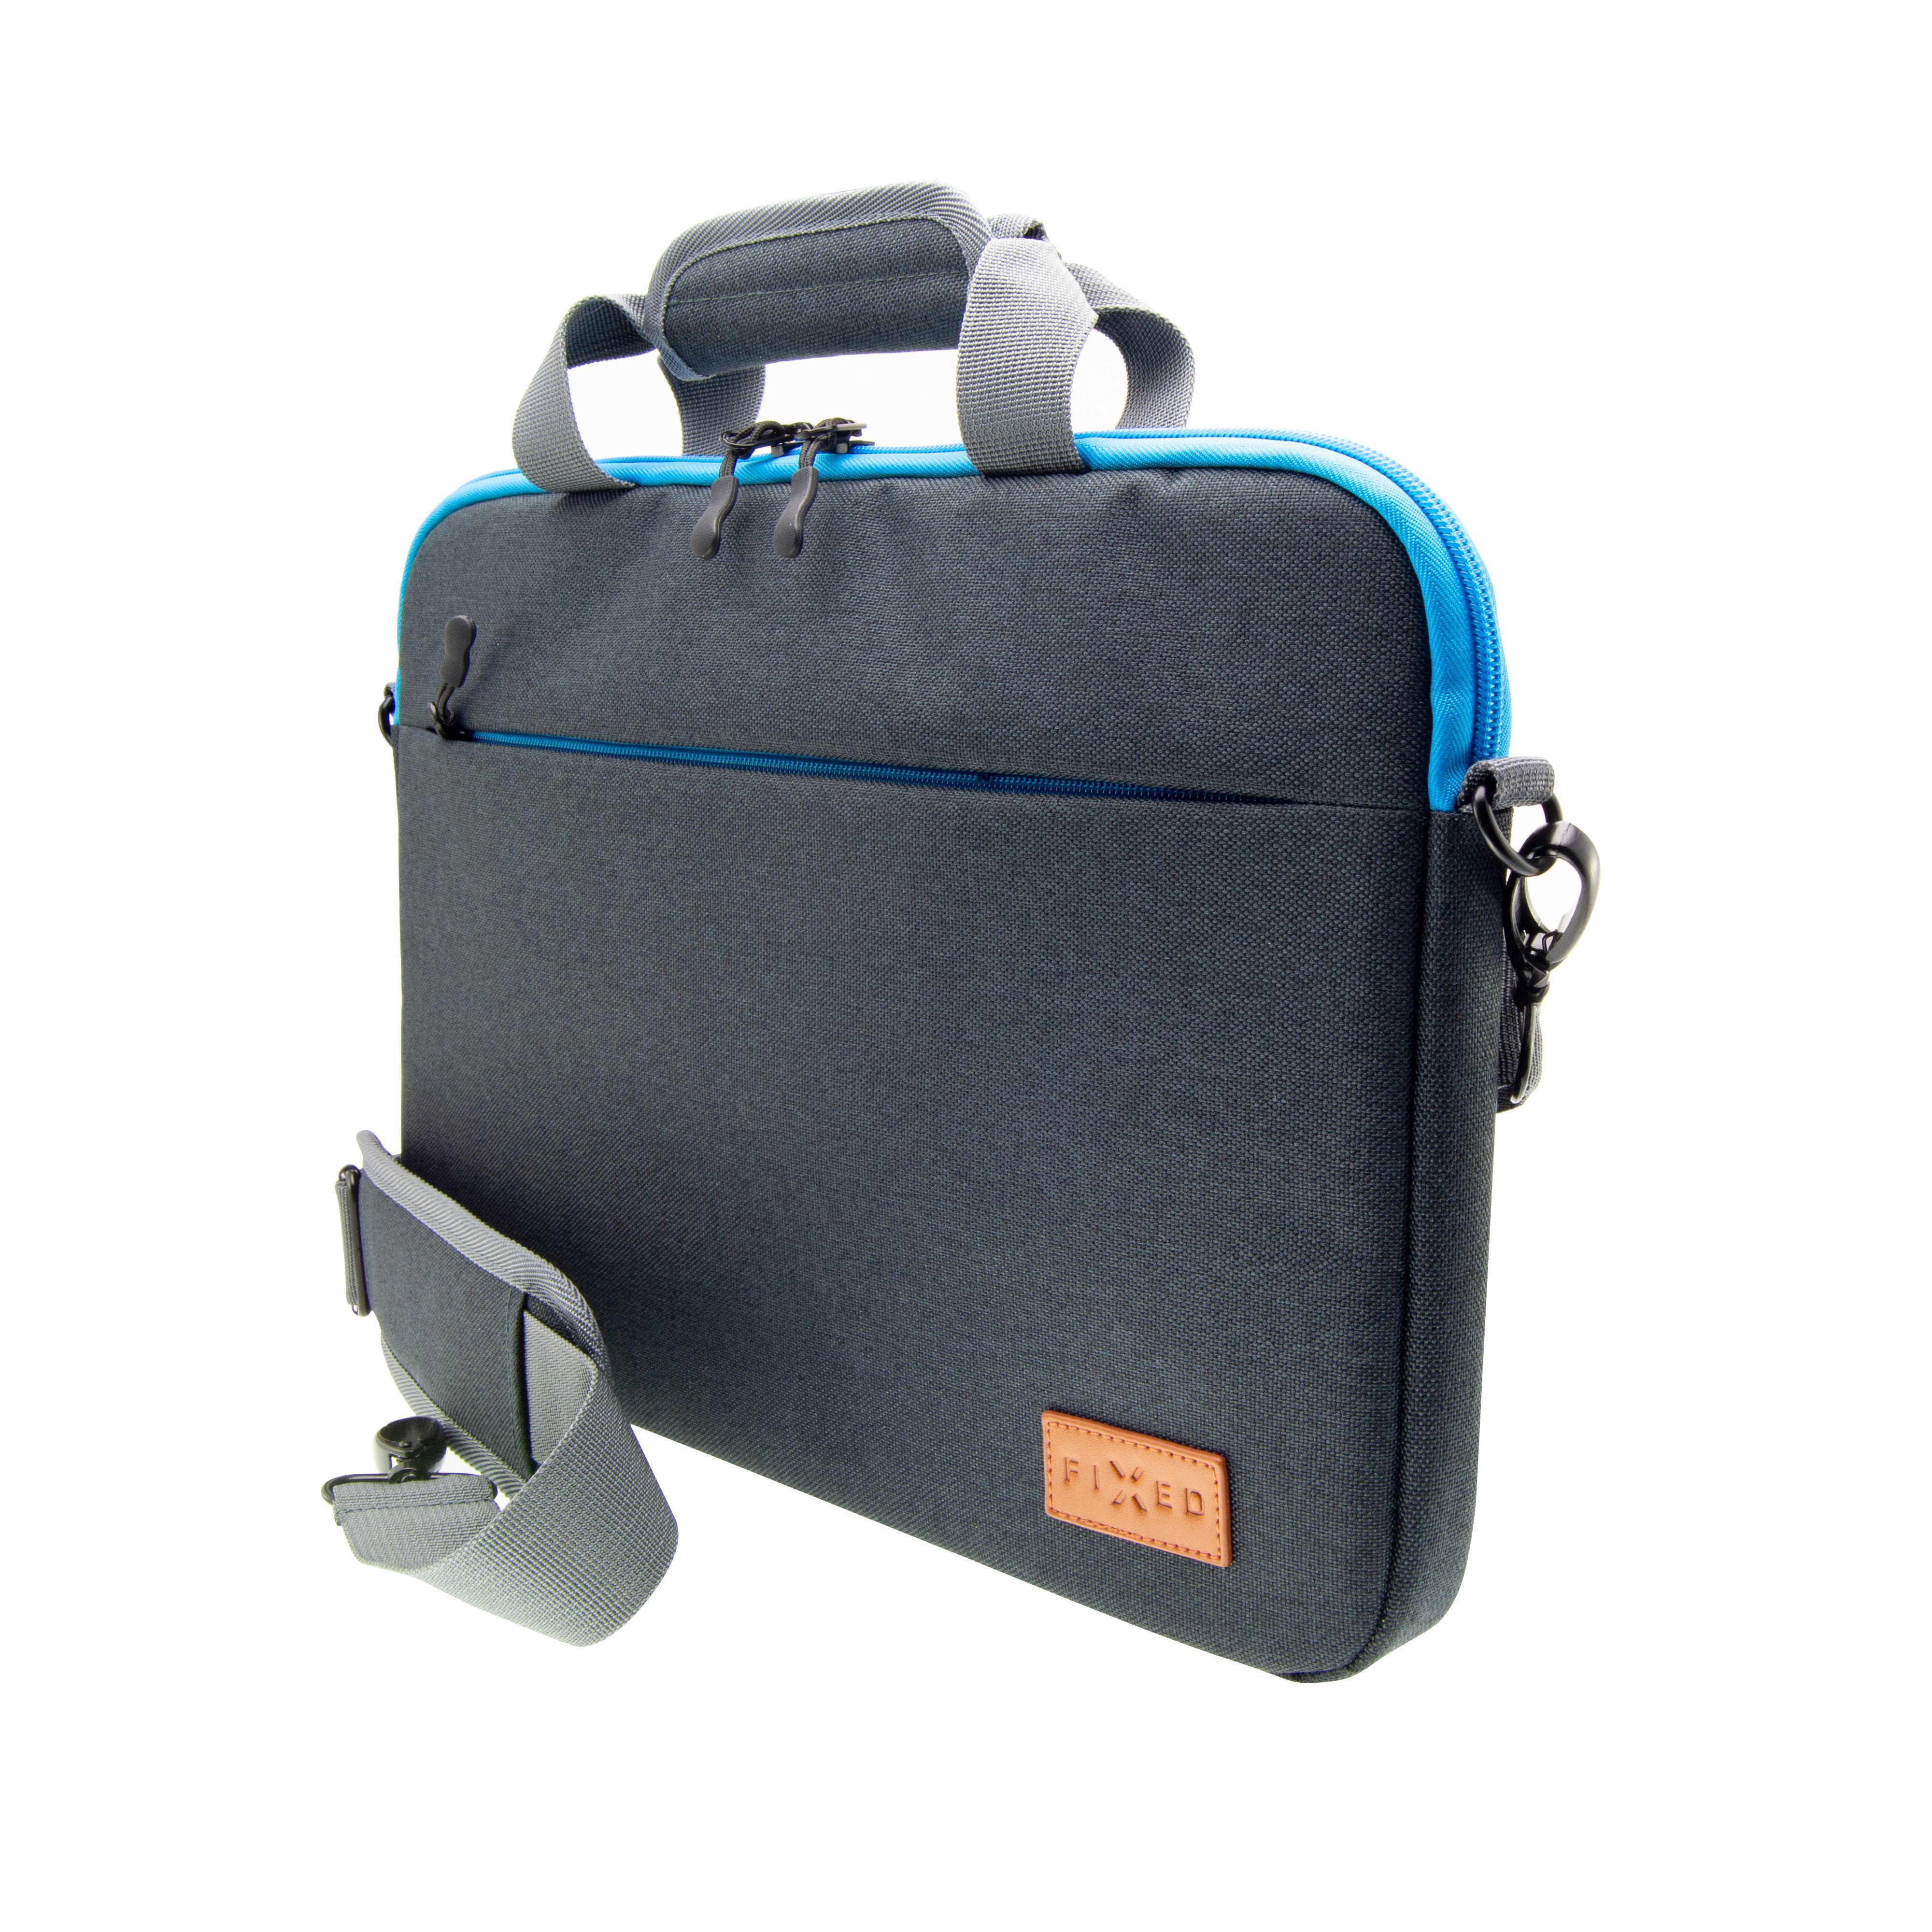 """Nylonová taška FIXED Urban pro tablety a netbooky do 11"""", černé"""